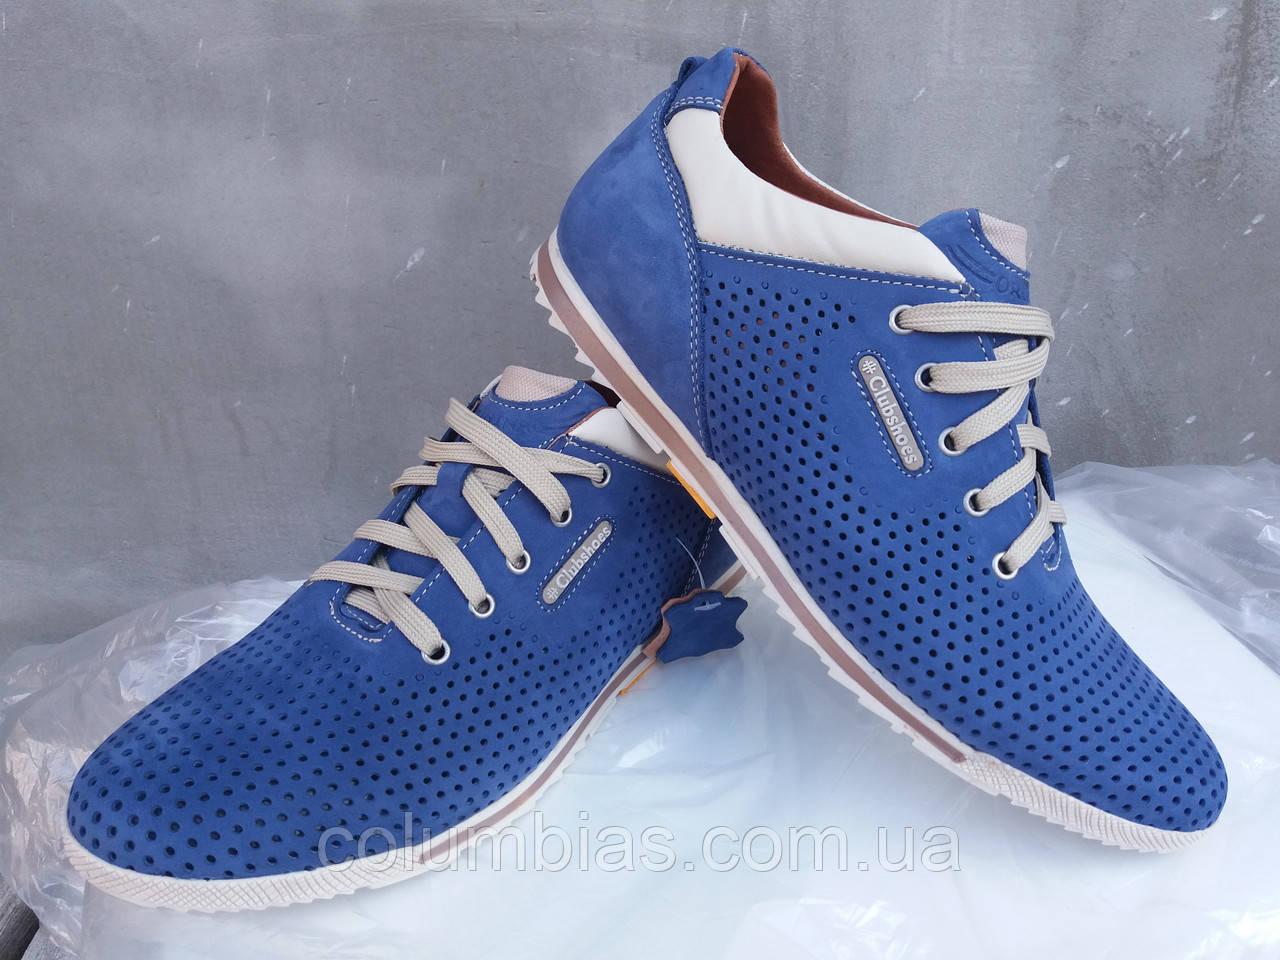 Мужские летние кроссовки из натуральной кожи